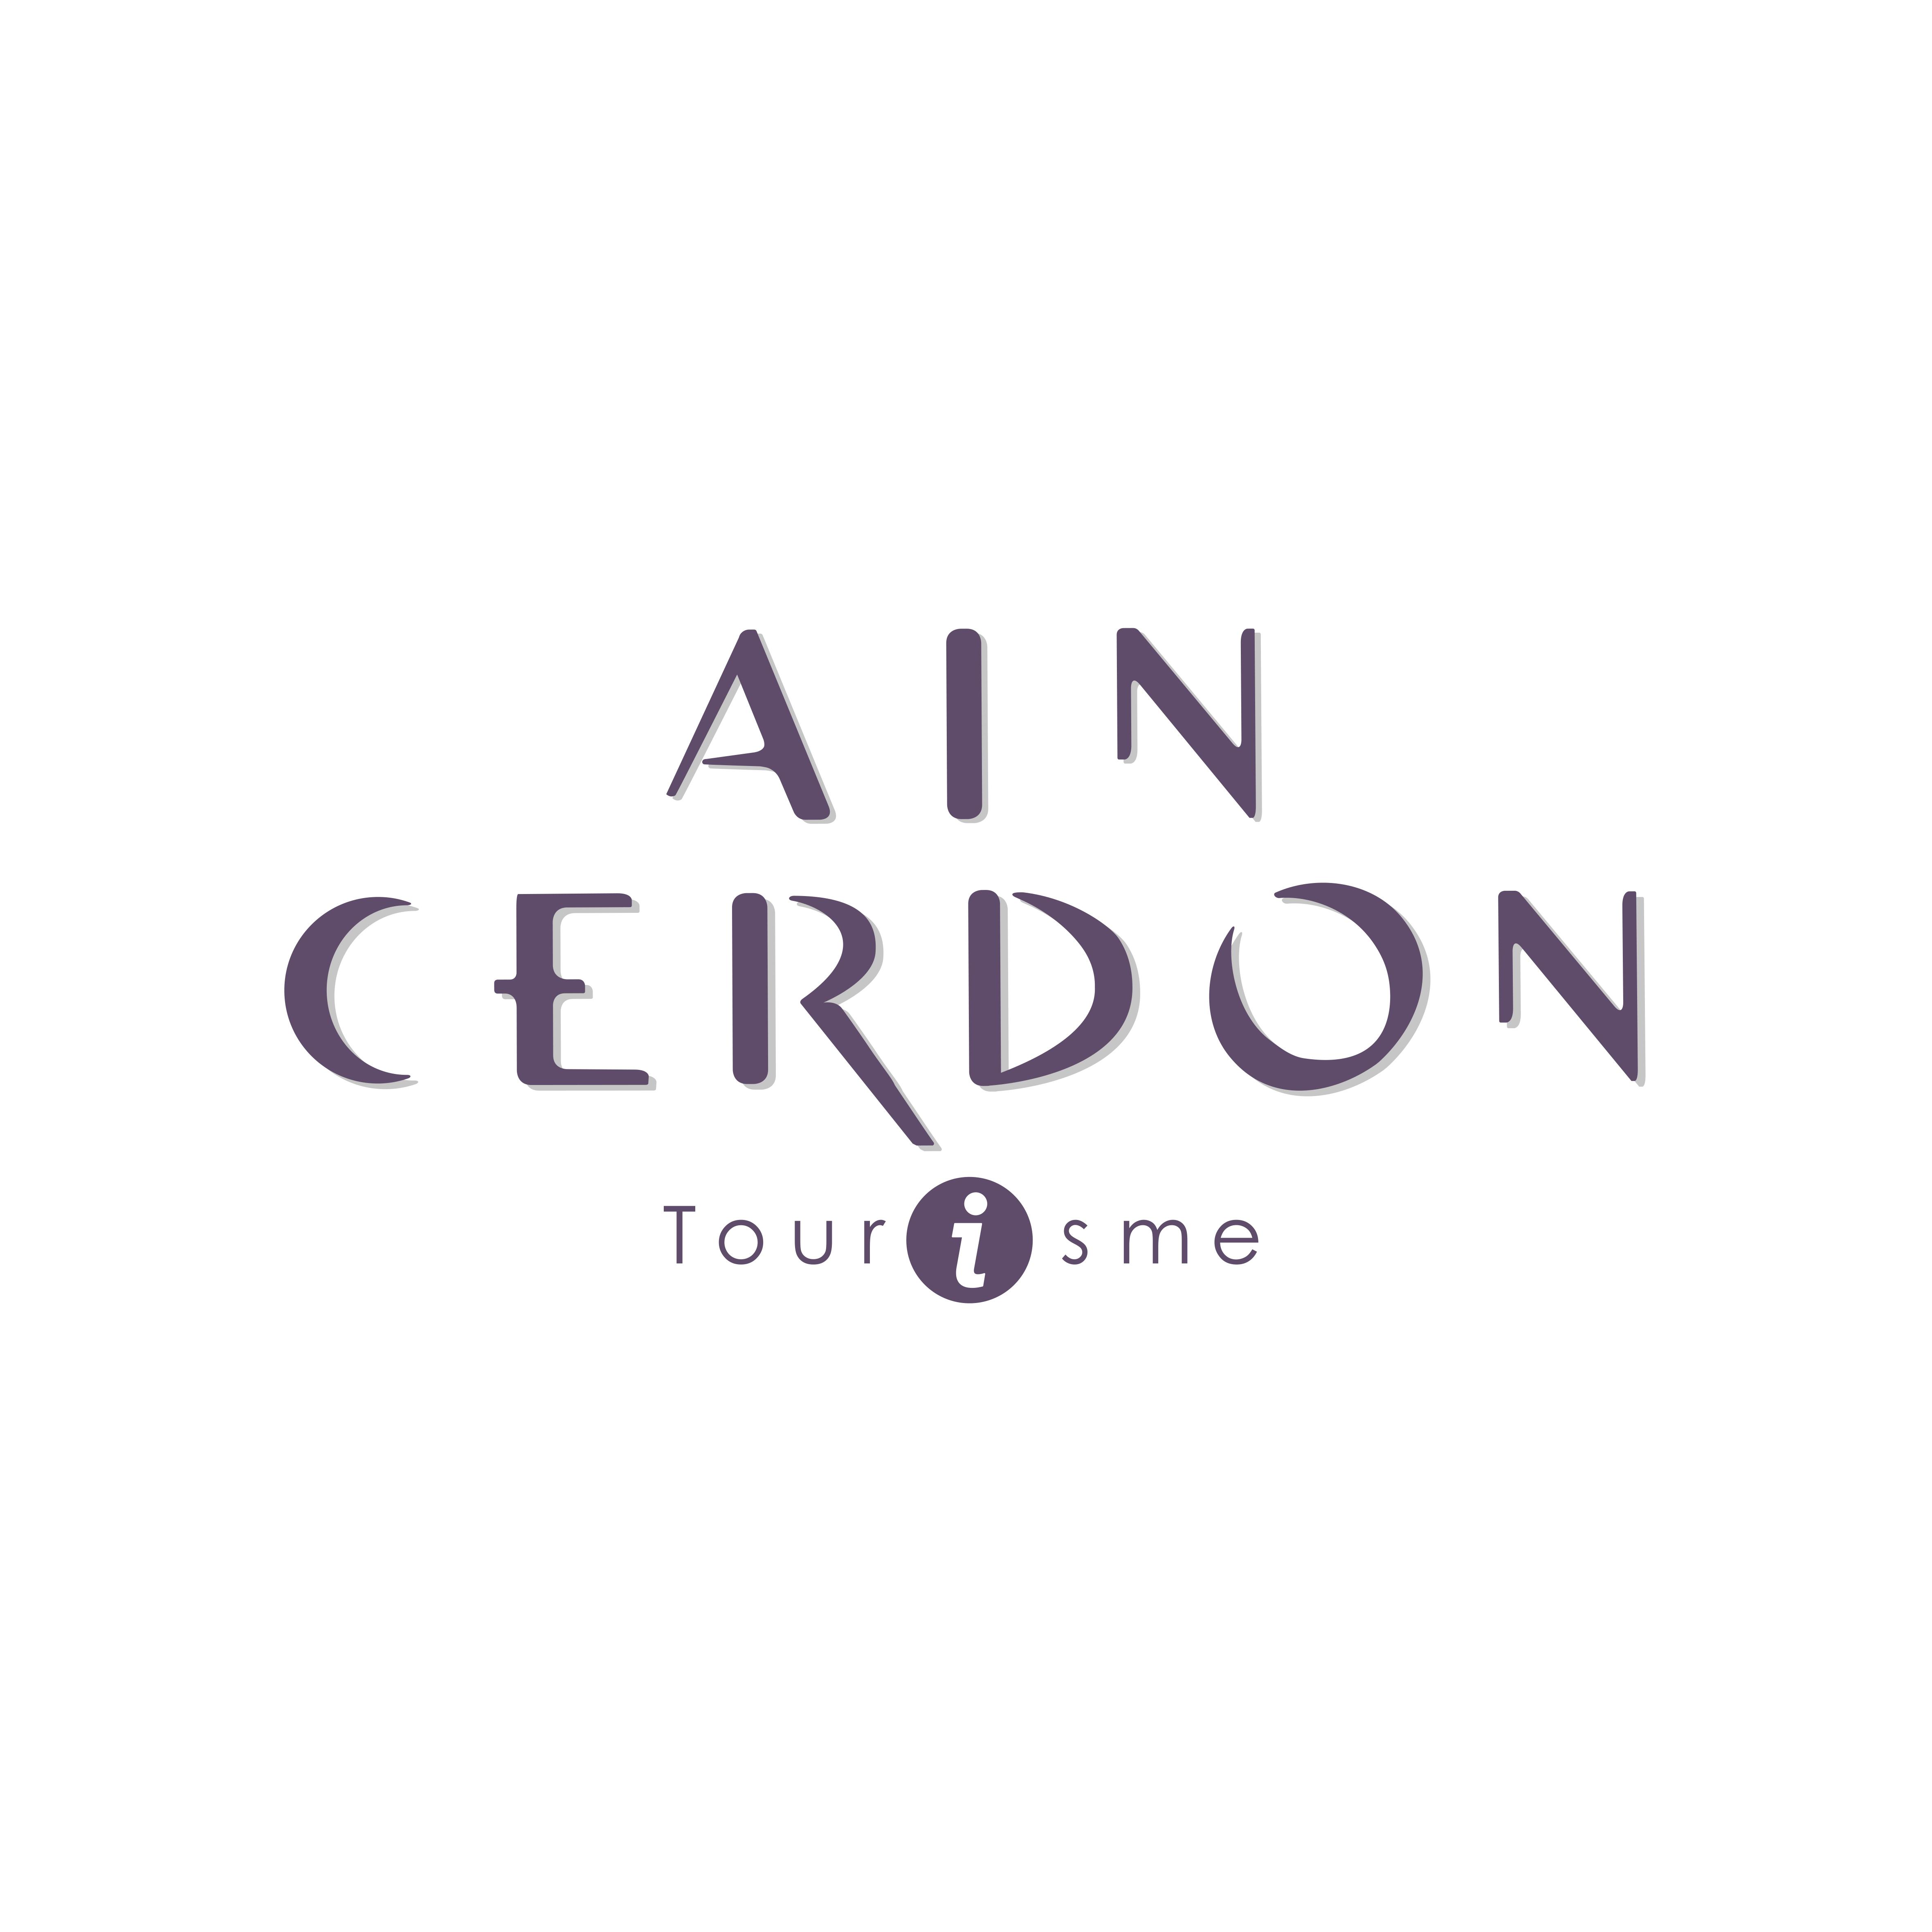 Office de tourisme Ain-Cerdon